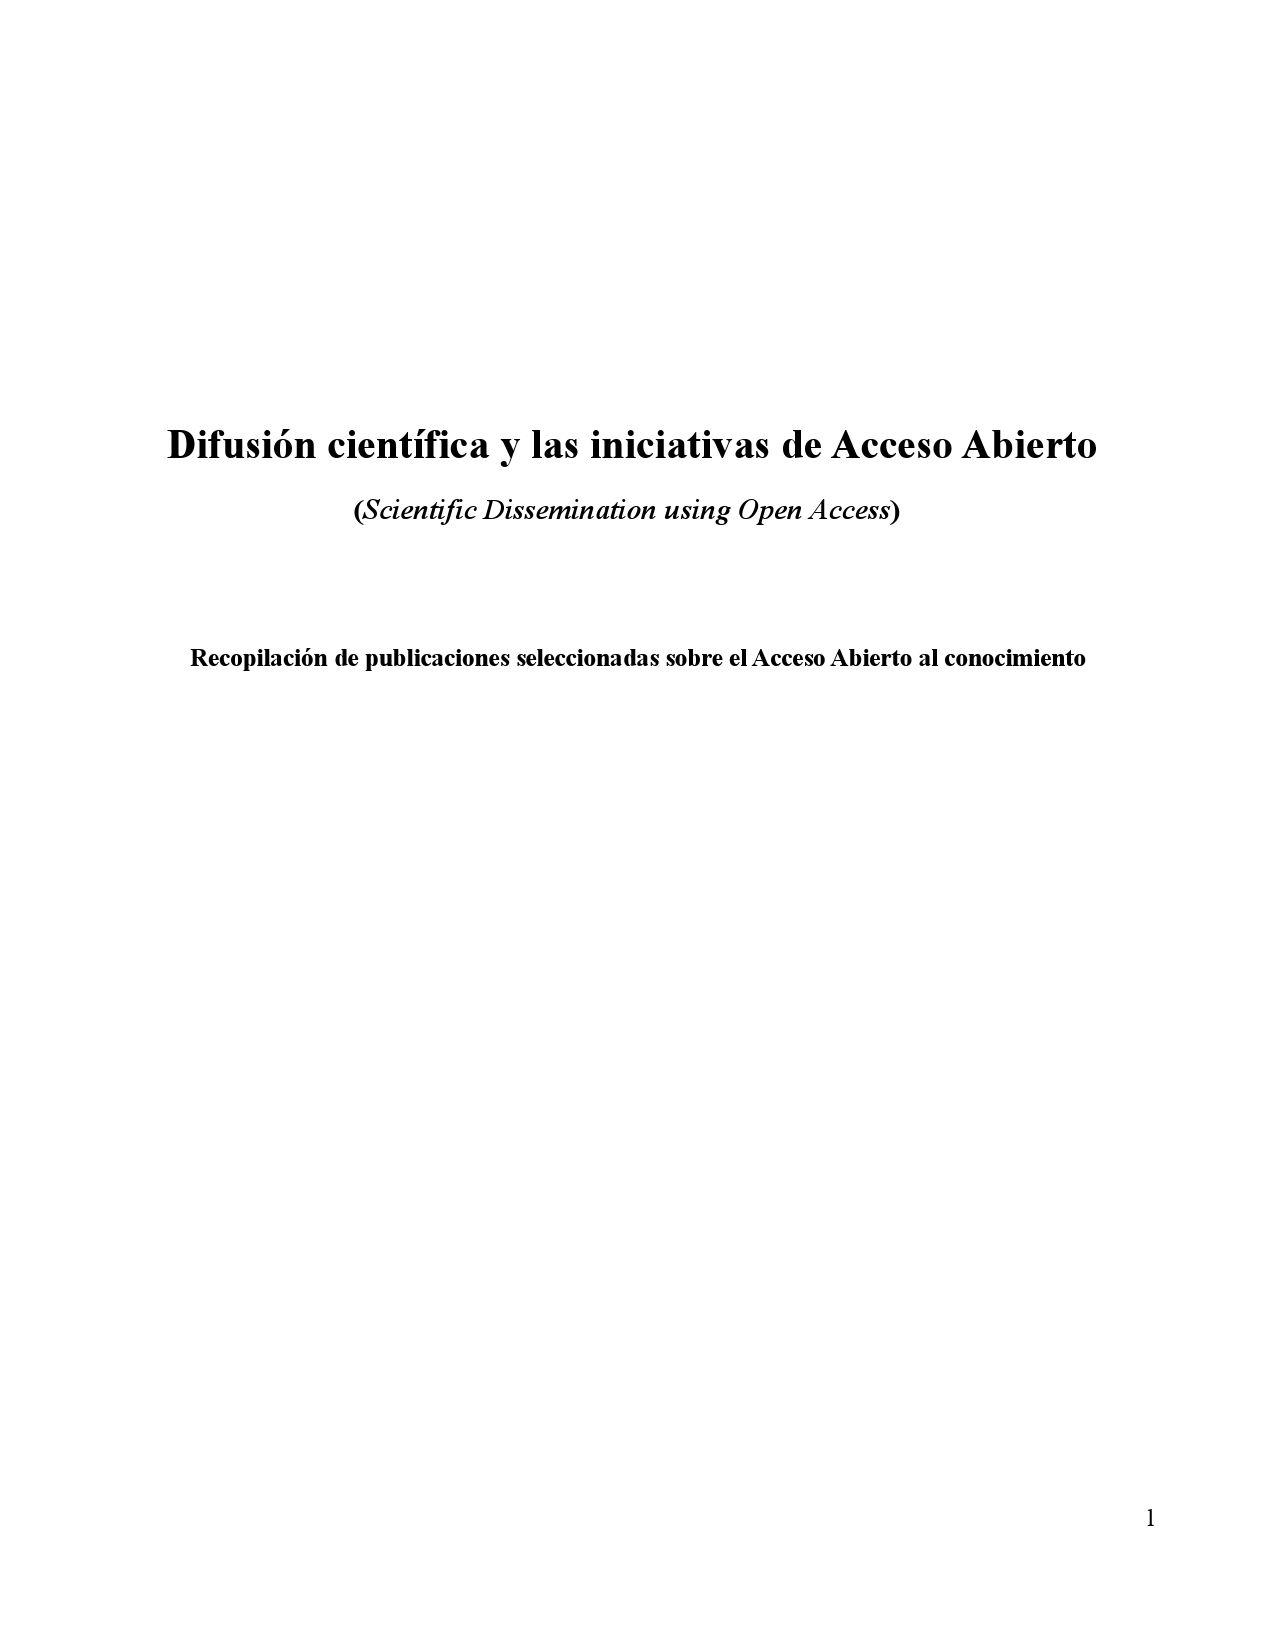 Iniciativas de Acceso Abierto by Rodrigo Torrens - issuu